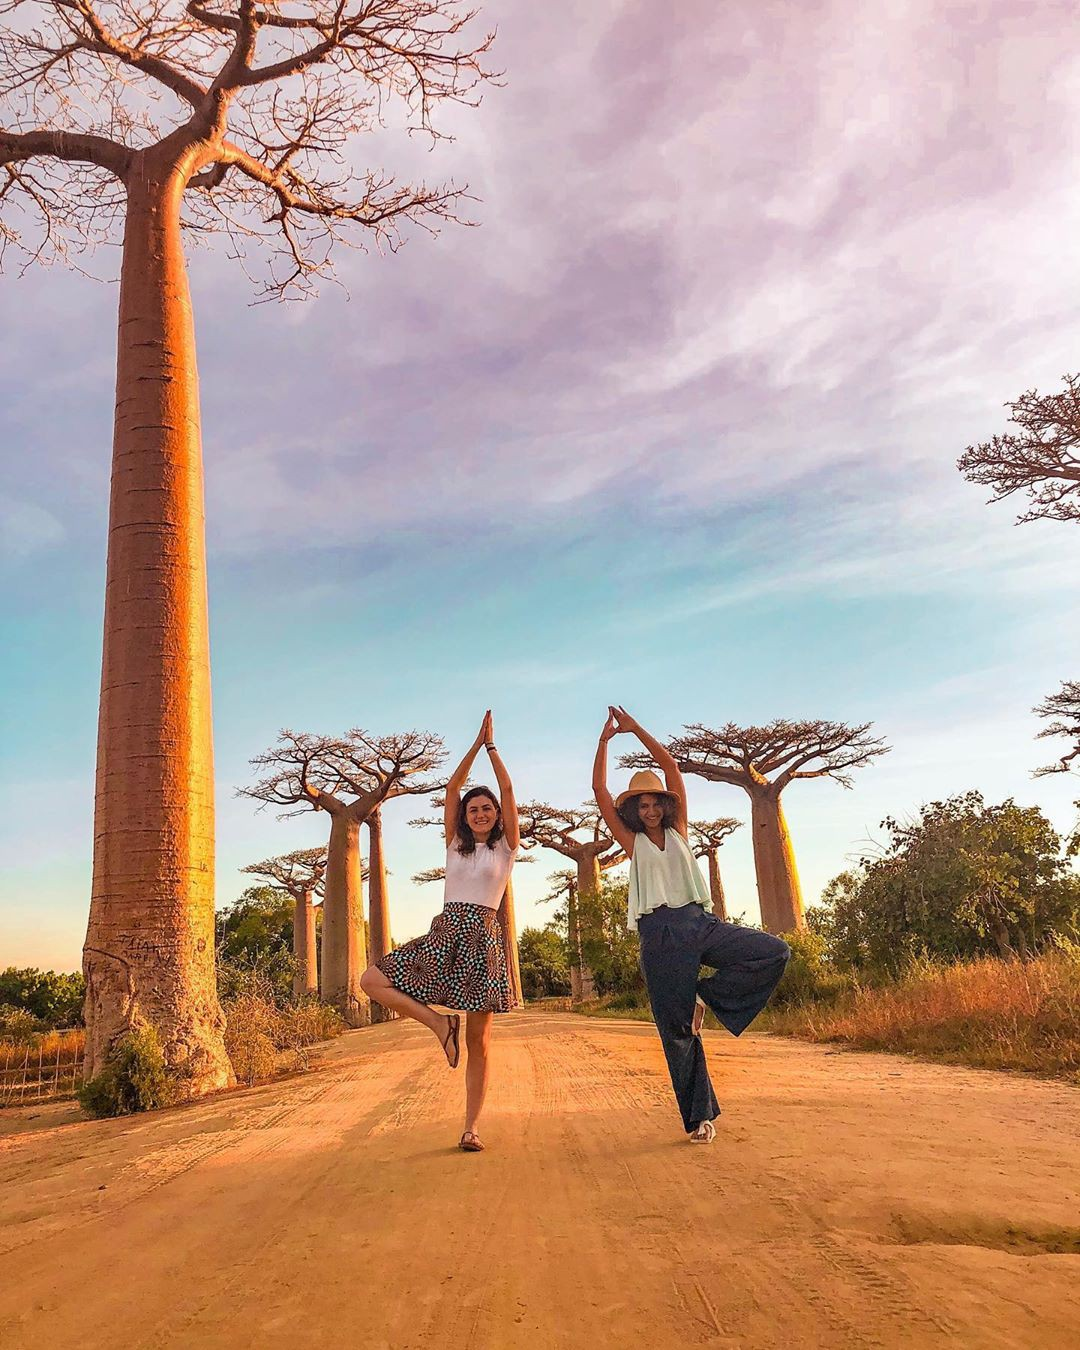 Dính phải lời nguyền phải mọc ngược, rừng cây ở Madagascar nay lại trở thành điểm check-in xịn xò của giới blogger du lịch - Ảnh 12.